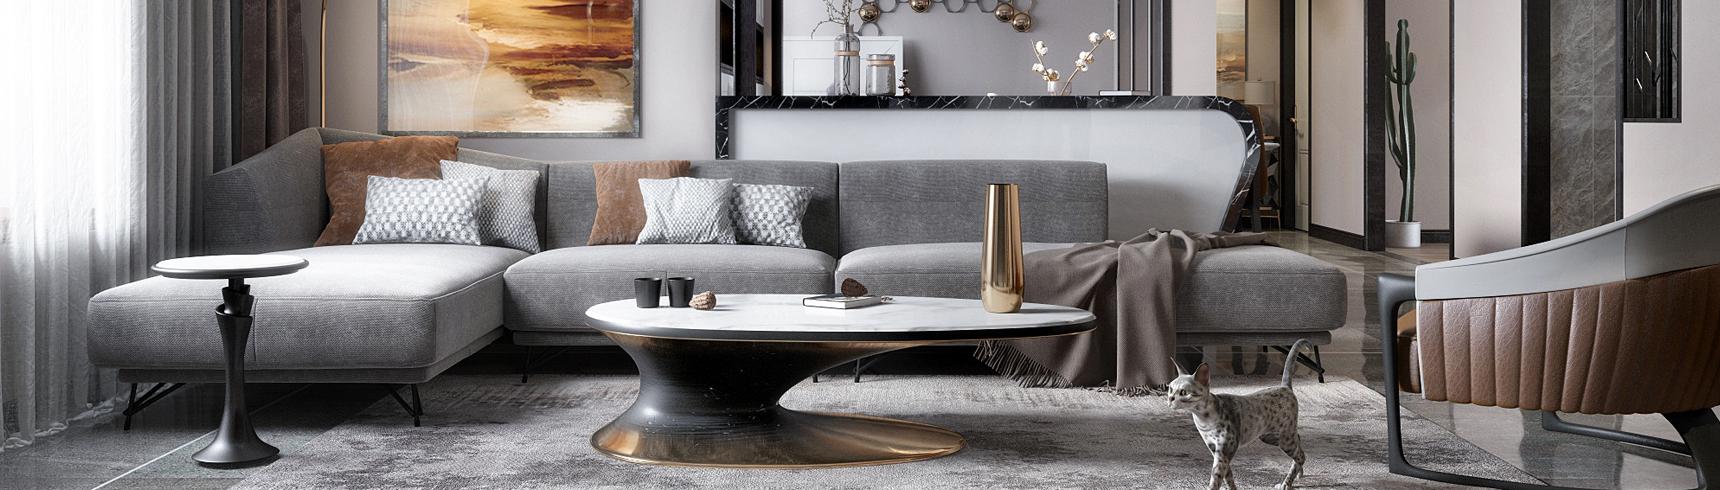 现代客厅餐厅 沙发组合 灯具 餐桌椅 挂画 茶几 装饰品 窗帘 边几 电视柜3D模型下载